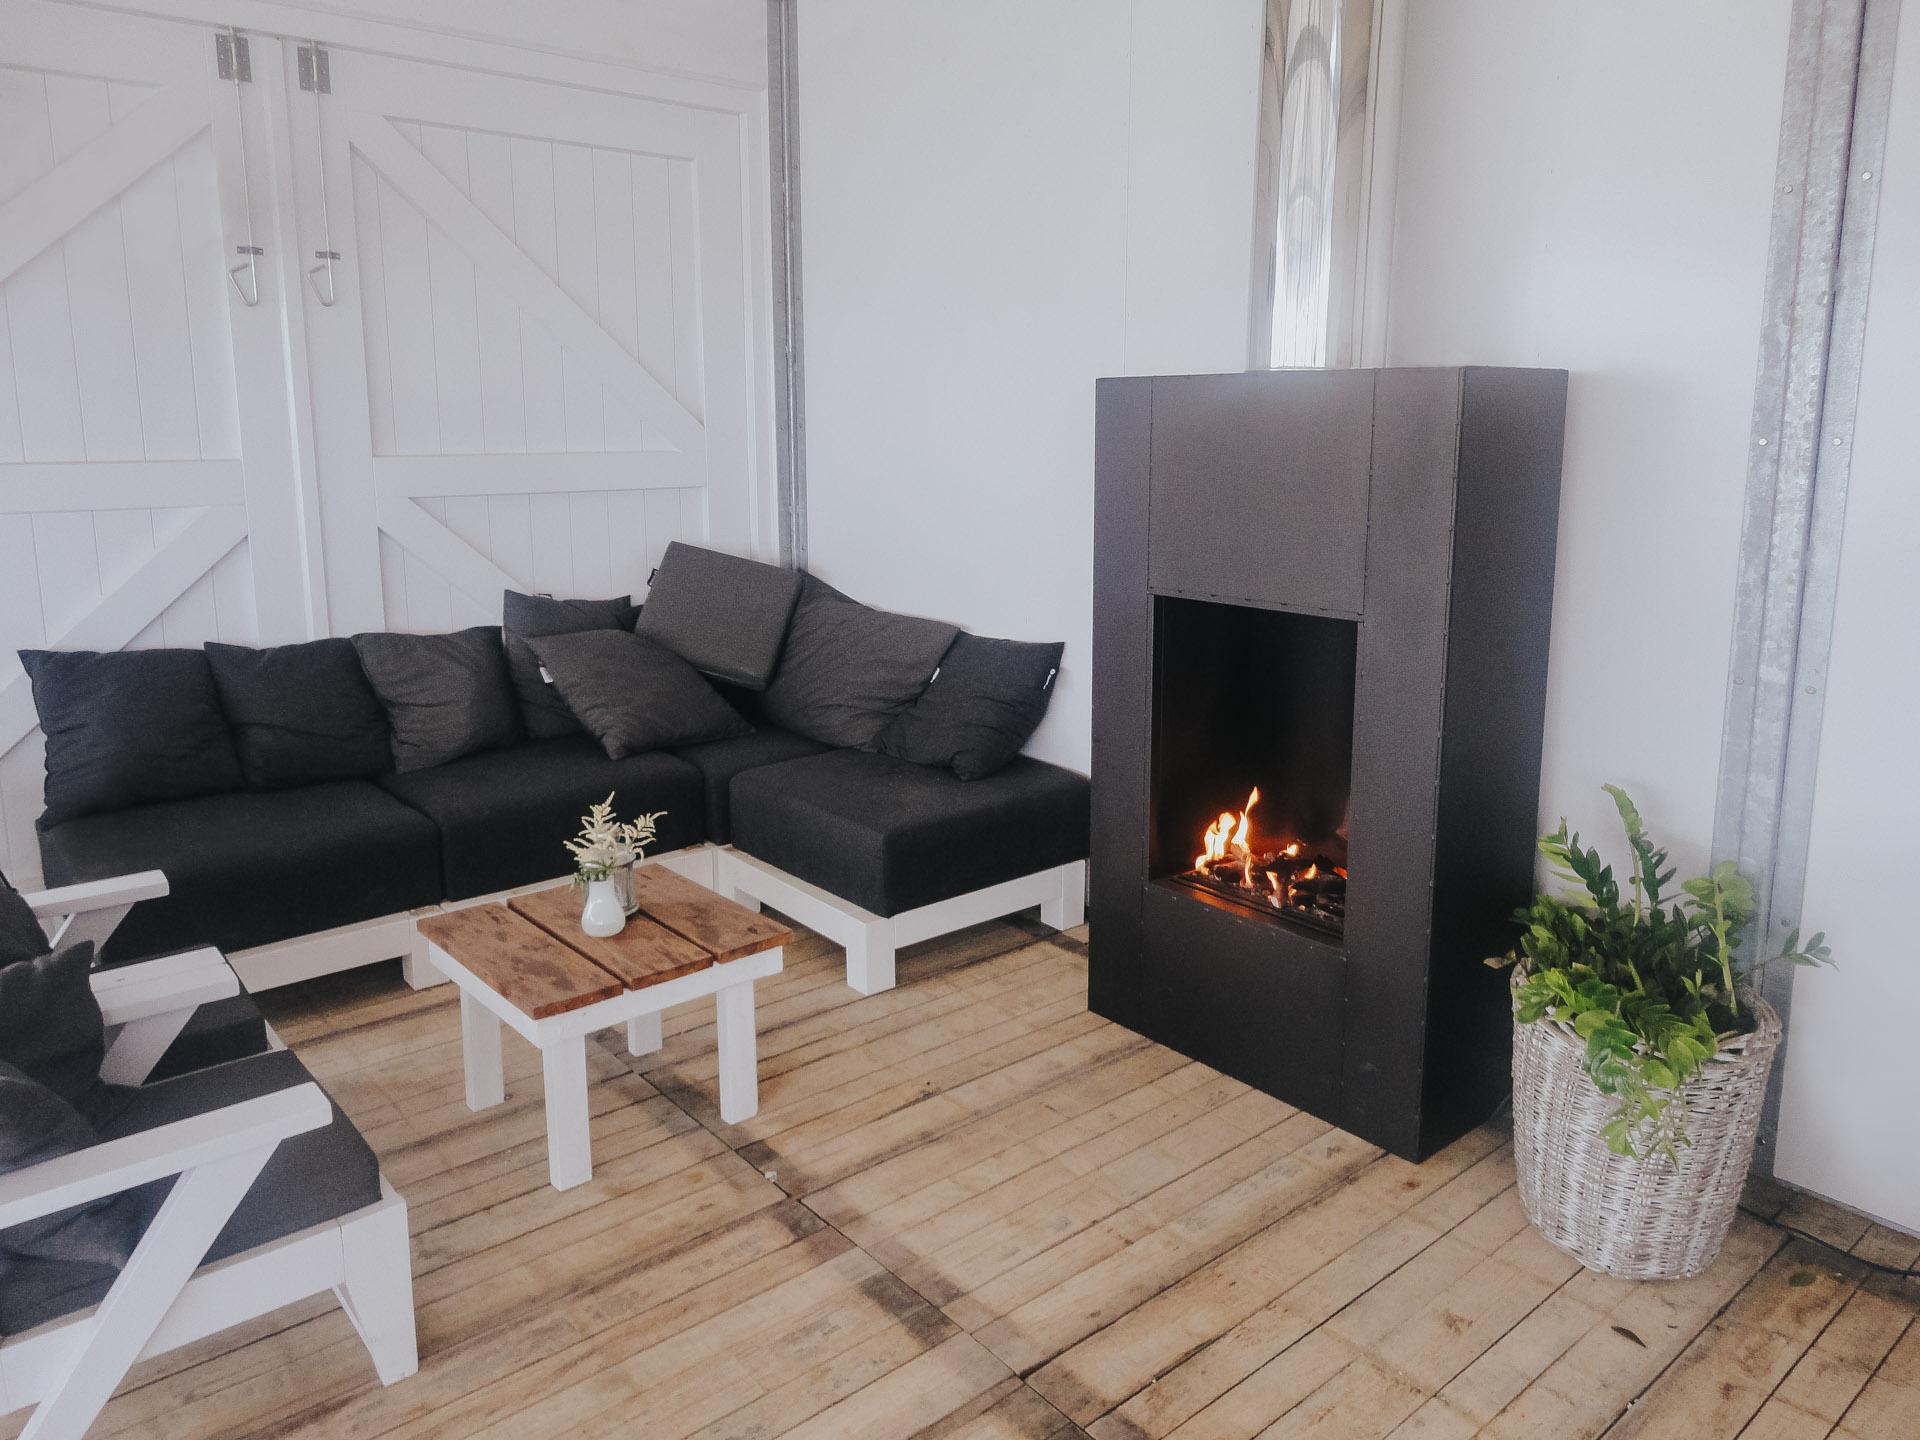 Sunwood Fuegos Personalizados imagen interior de una  casa de playa